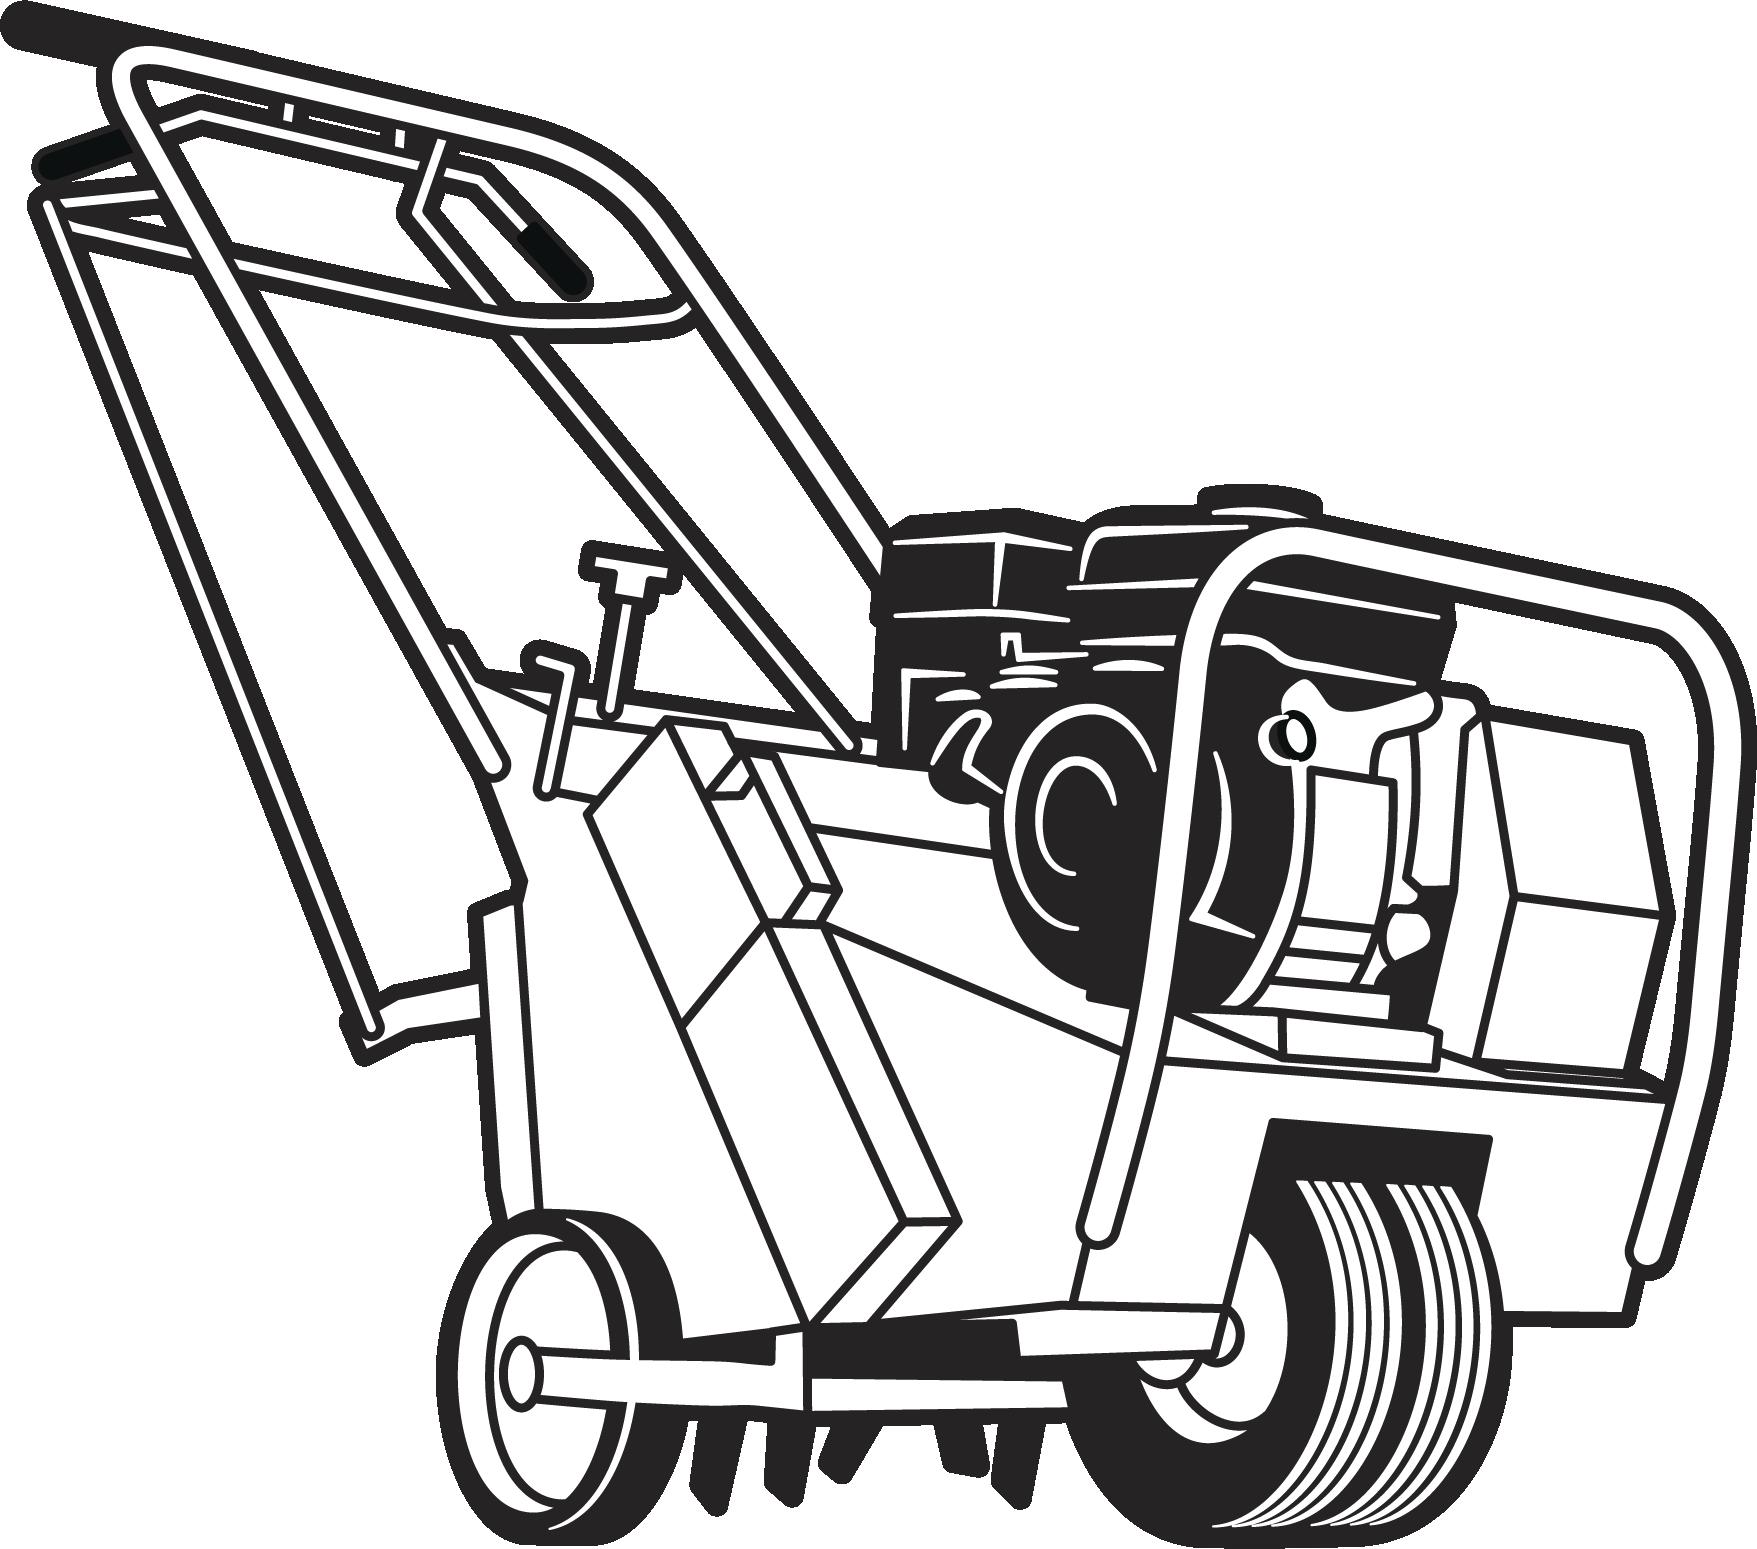 Mobile maintenance planner job description